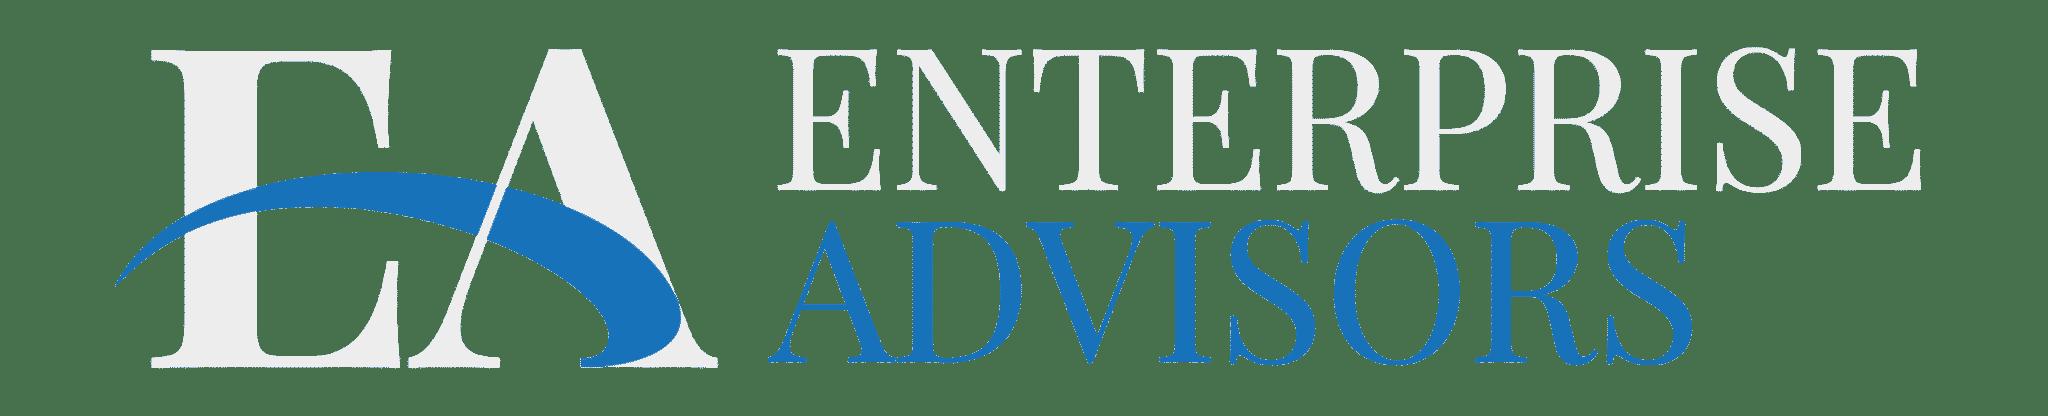 Firma szkoleniowa i doradcza EnterPrise Advisors